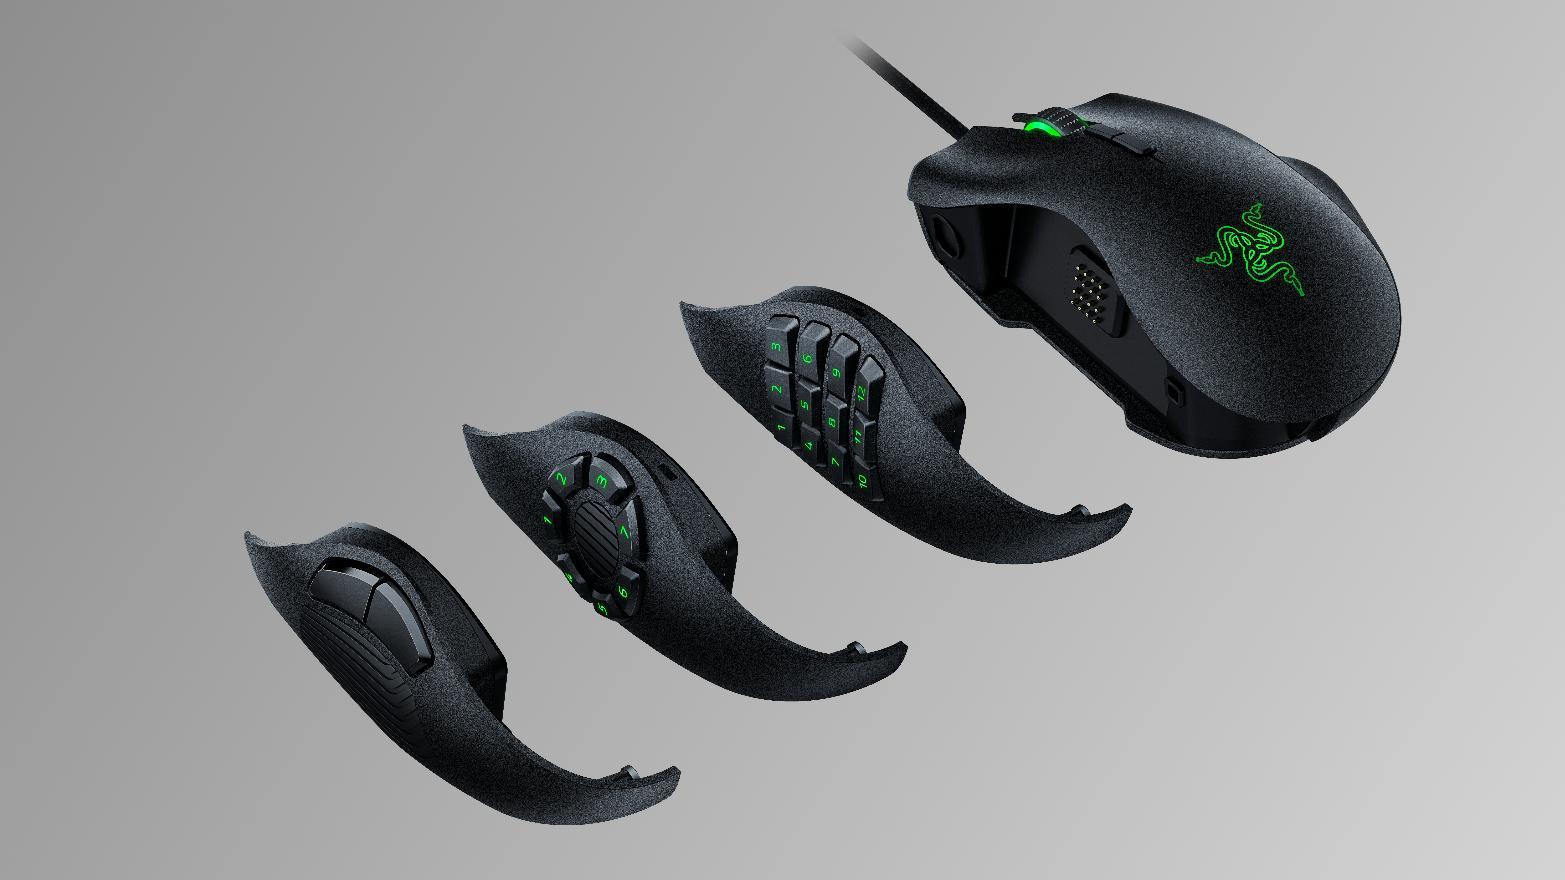 Razers nye spillmus kommer med knapper du kan bytte ut